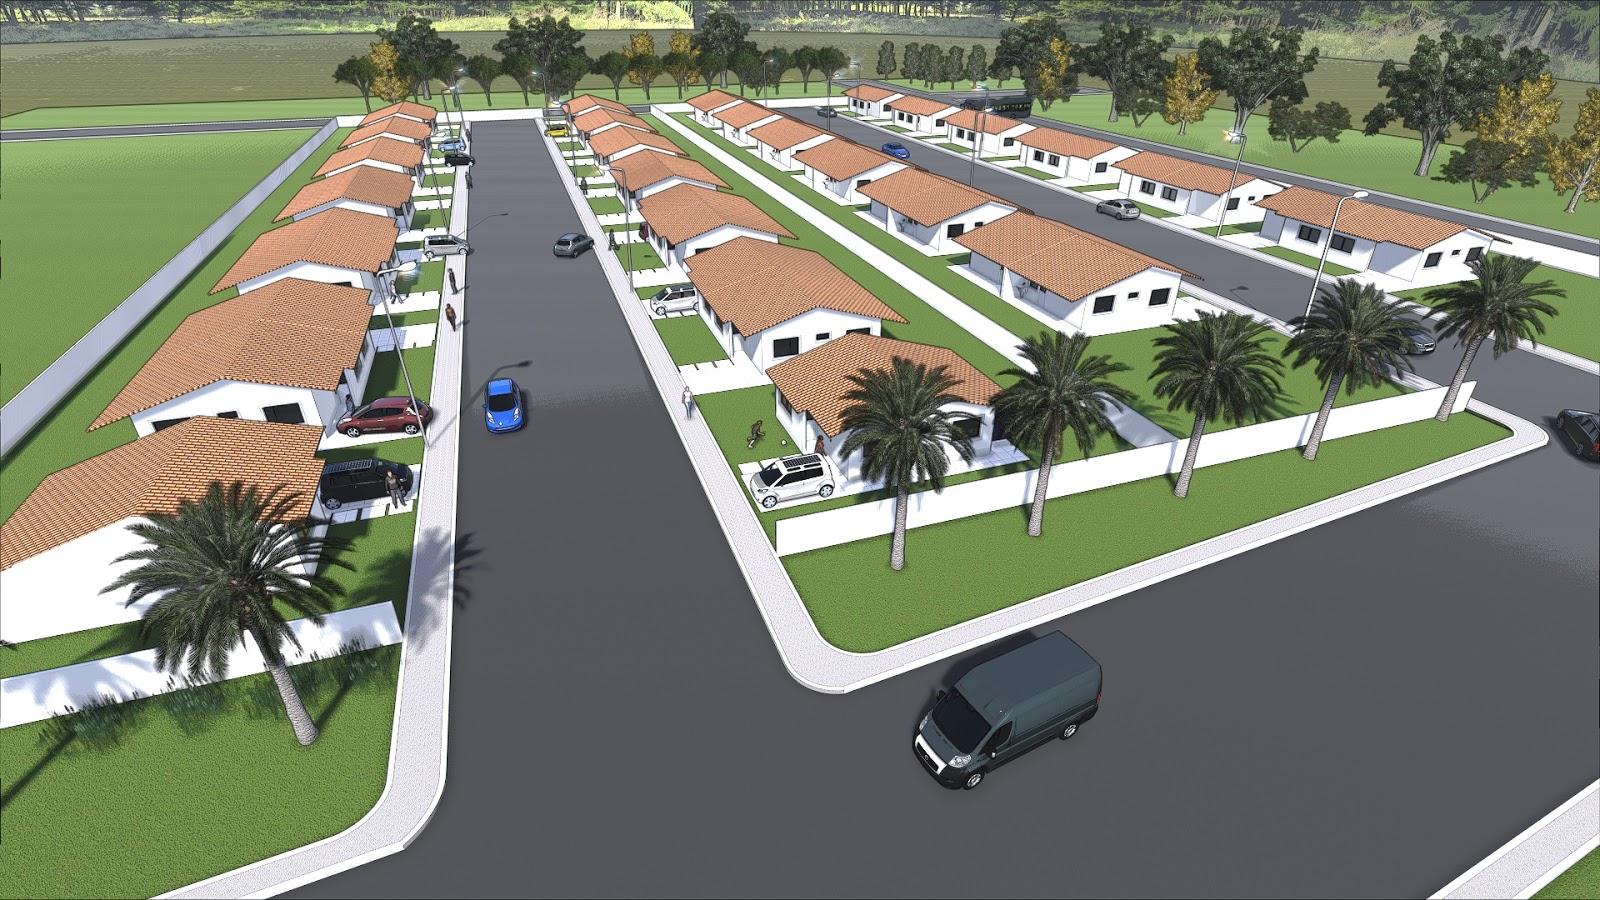 48 m² metros dois quantos salas cozinha e banheiro #8D5C3E 1600 900